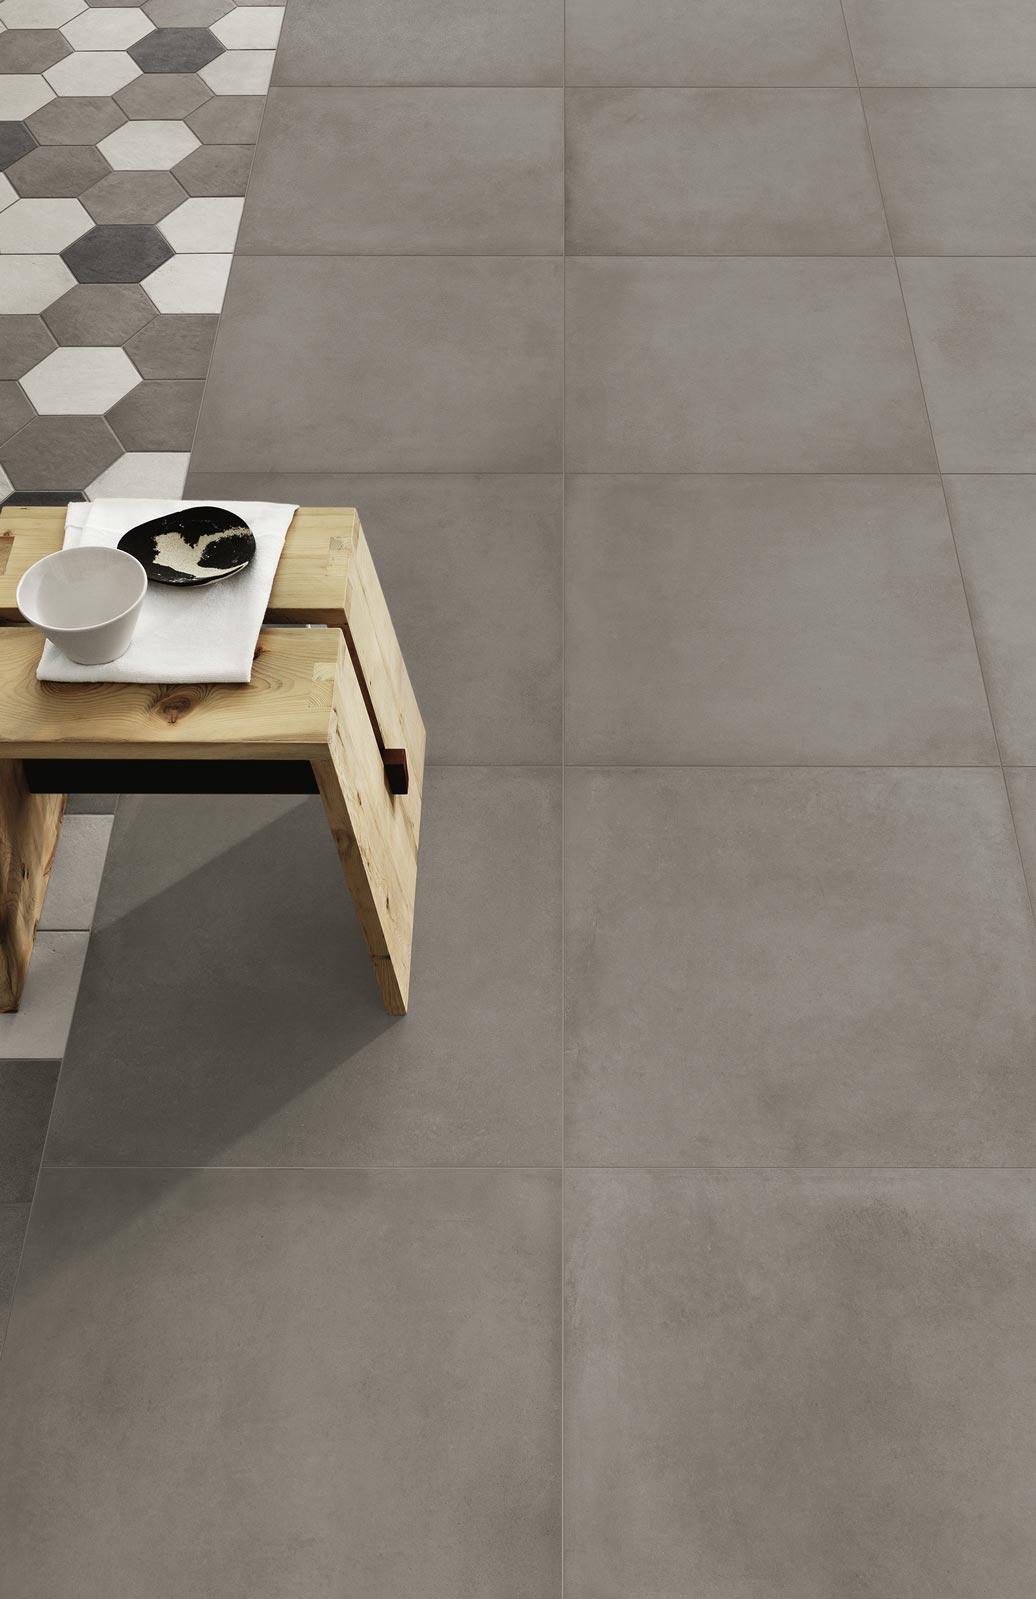 Collezione rewind gres porcellanato effetto cemento ragno - Rimuovere cemento da piastrelle ...